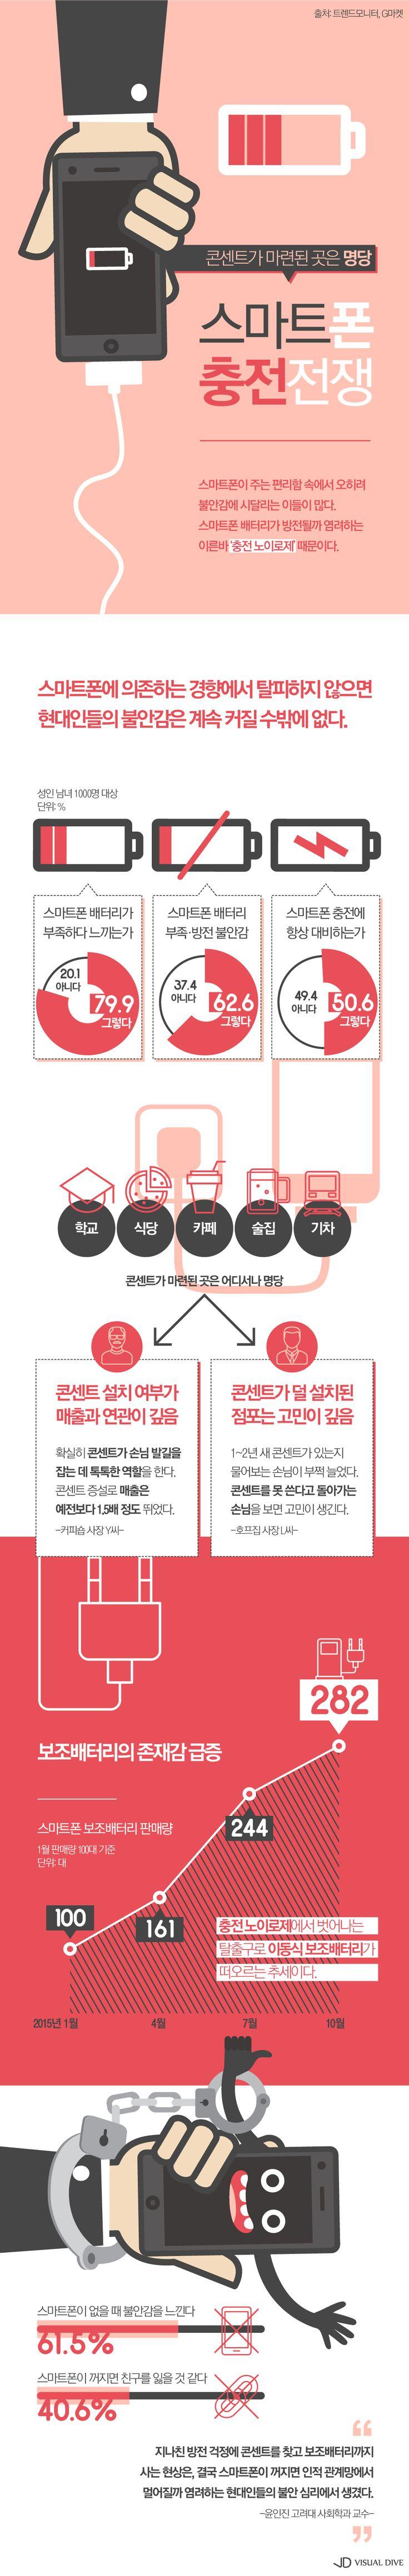 당신도 혹시 '스마트폰 충전 노이로제'? [인포그래픽] #smartphone / #Infographic ⓒ 비주얼다이브 무단 복사·전재·재배포…